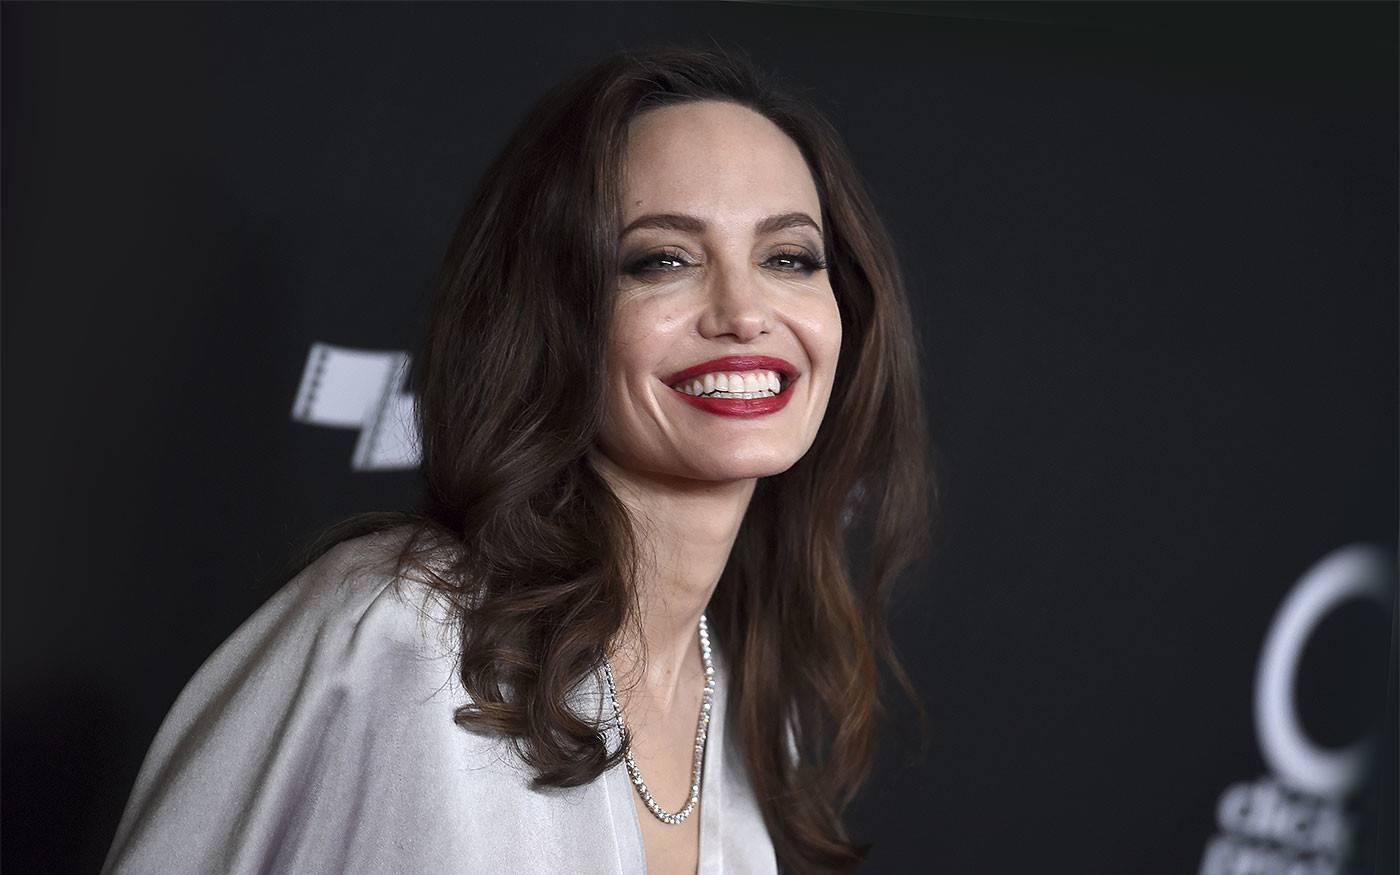 СМИ: Анджелина Джоли может сыграть некую роль в фильме «Вечные» от Marvel